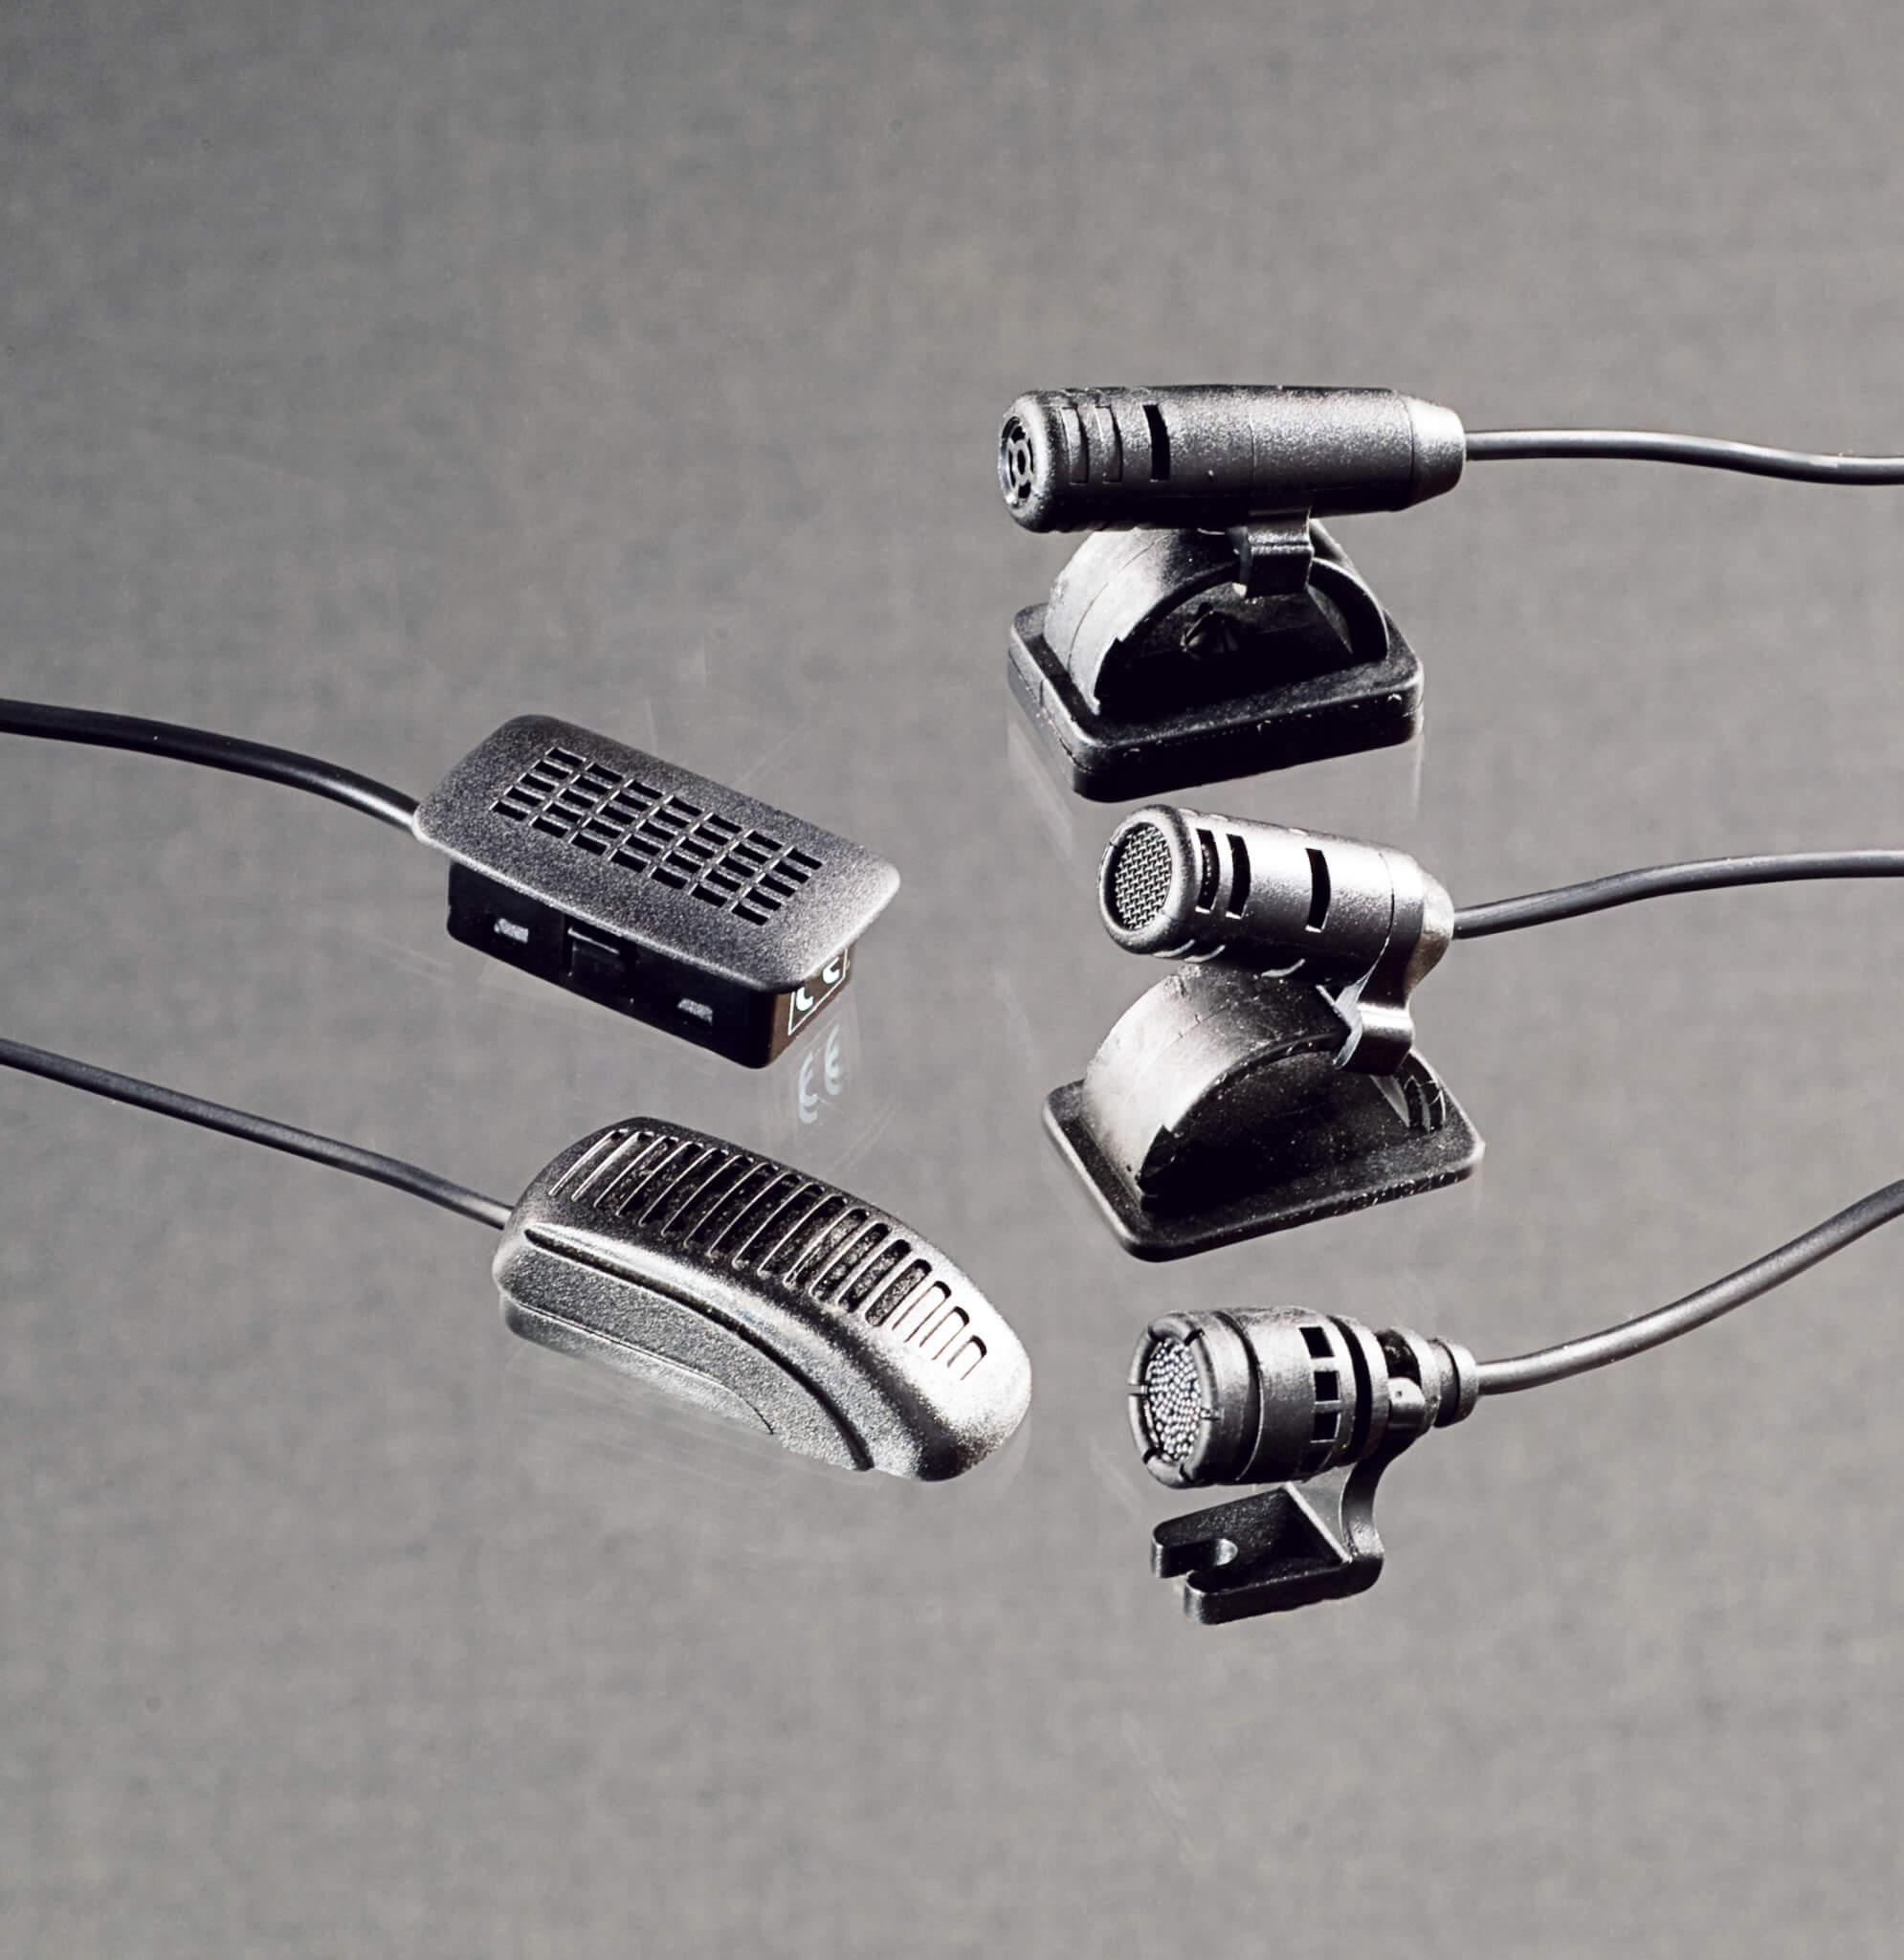 pei tel Handsfree Microphones